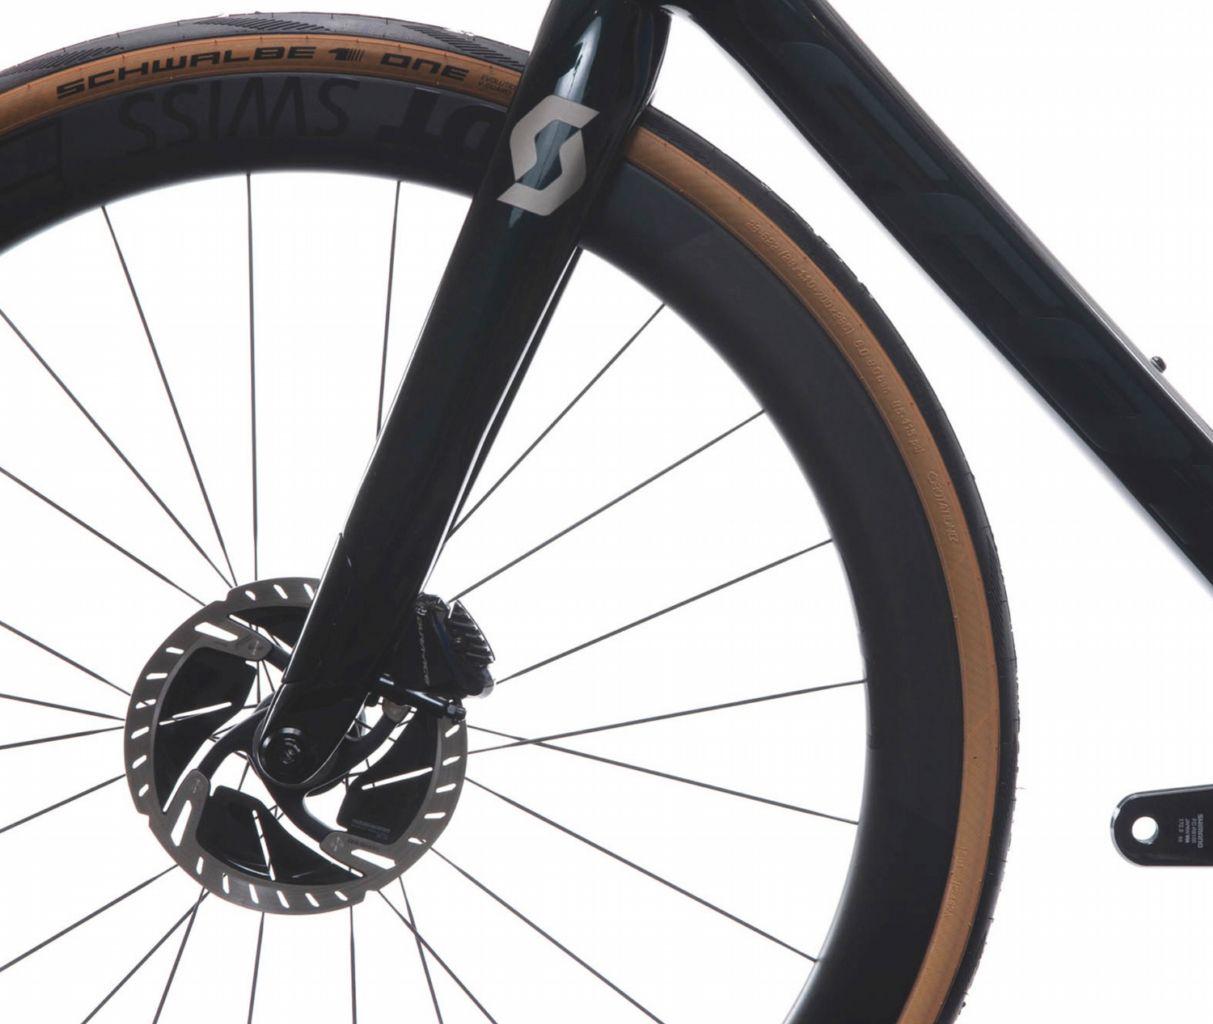 Bici strada Bicicletta Scott Addict RC Premium Disc